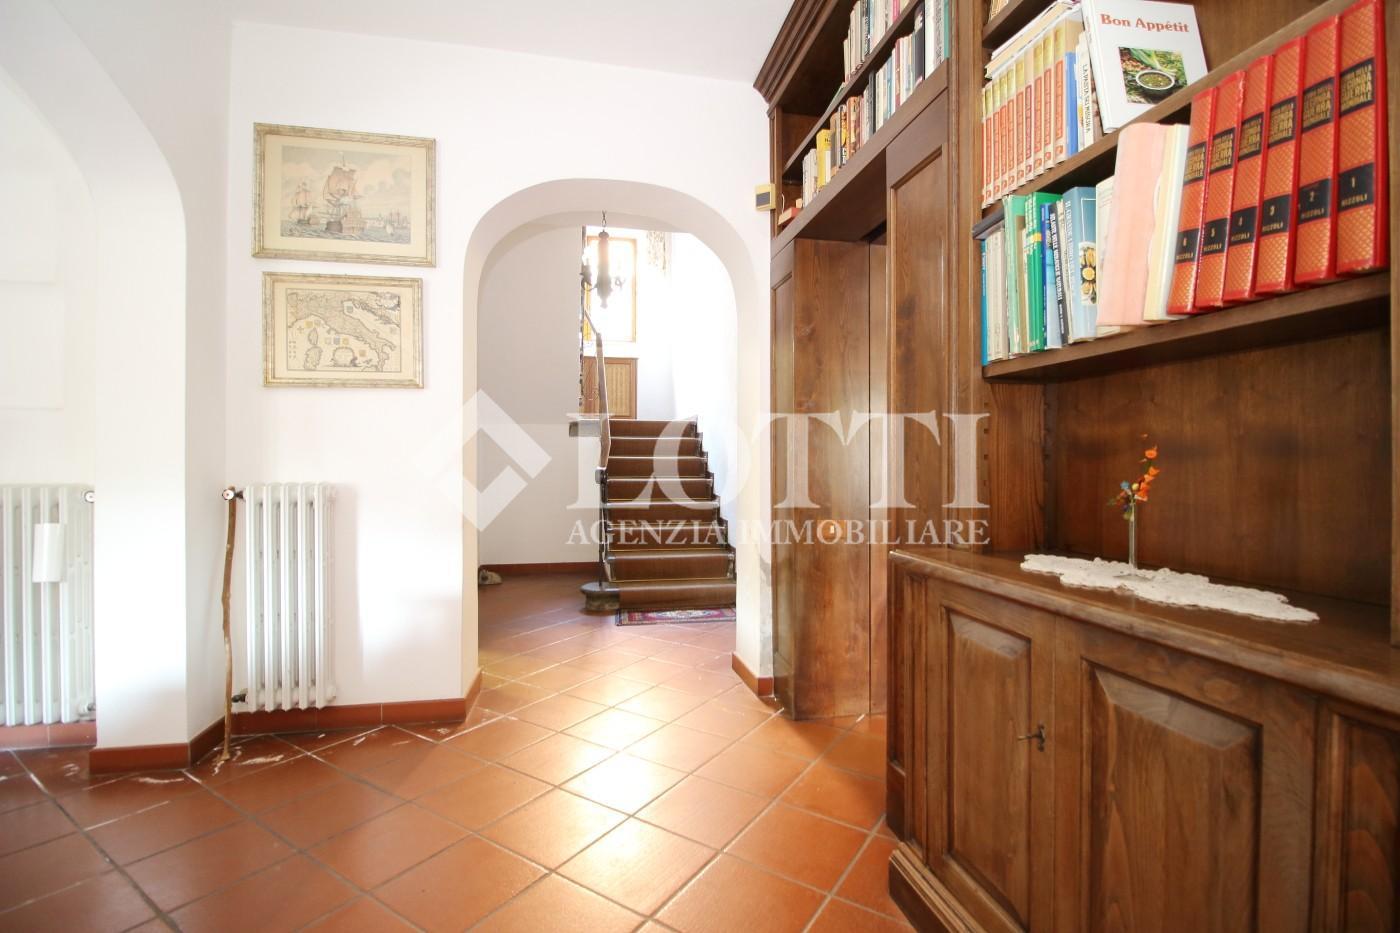 Villetta a schiera in vendita, rif. 366